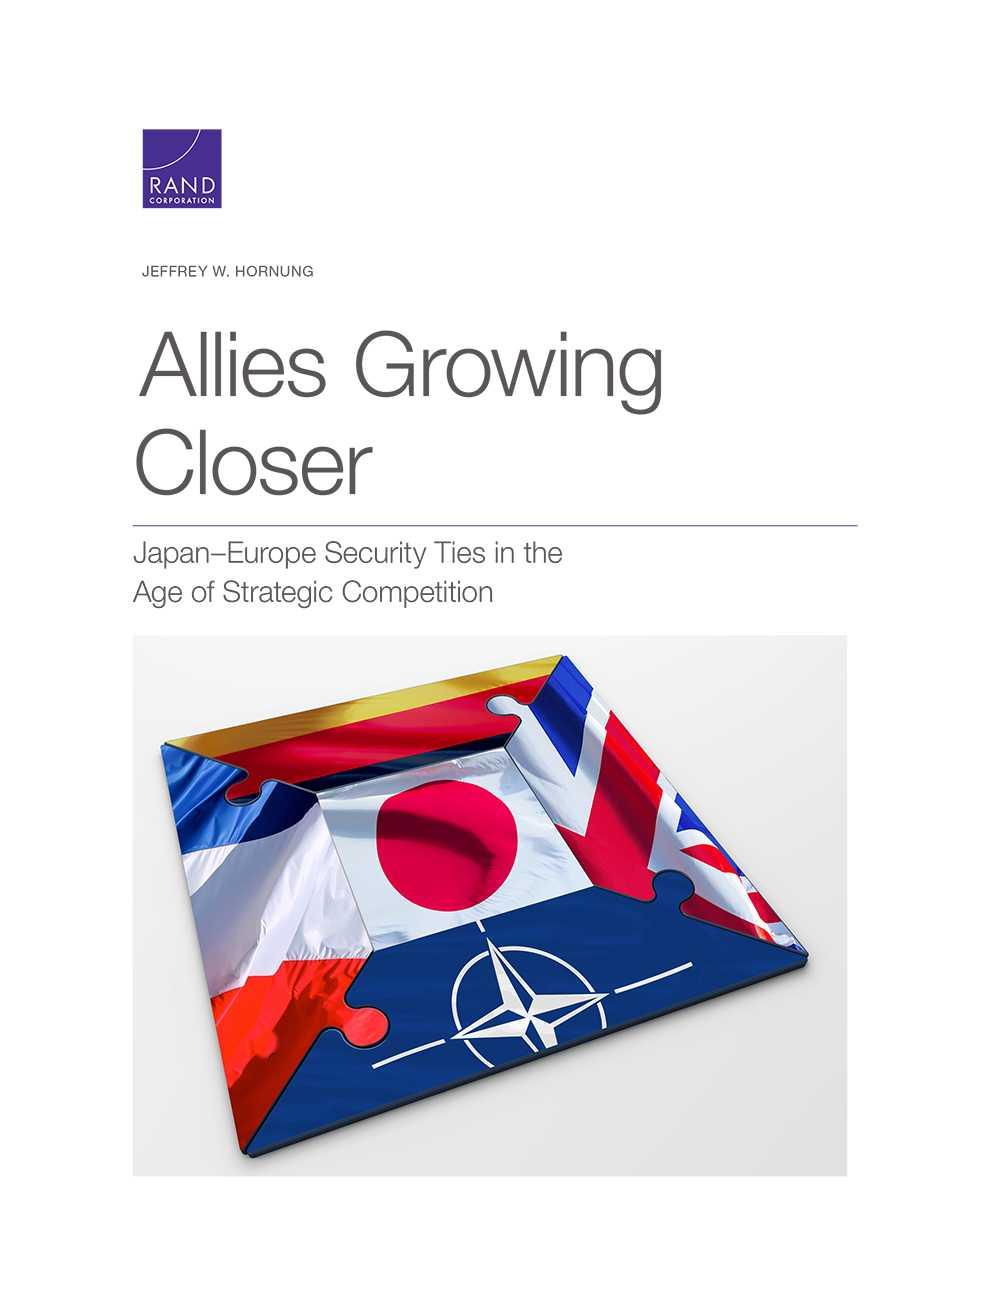 ジェフリー・ホーナン『関係を深める同盟:戦略的競争の時代における、日欧の安全保障の結びつき』